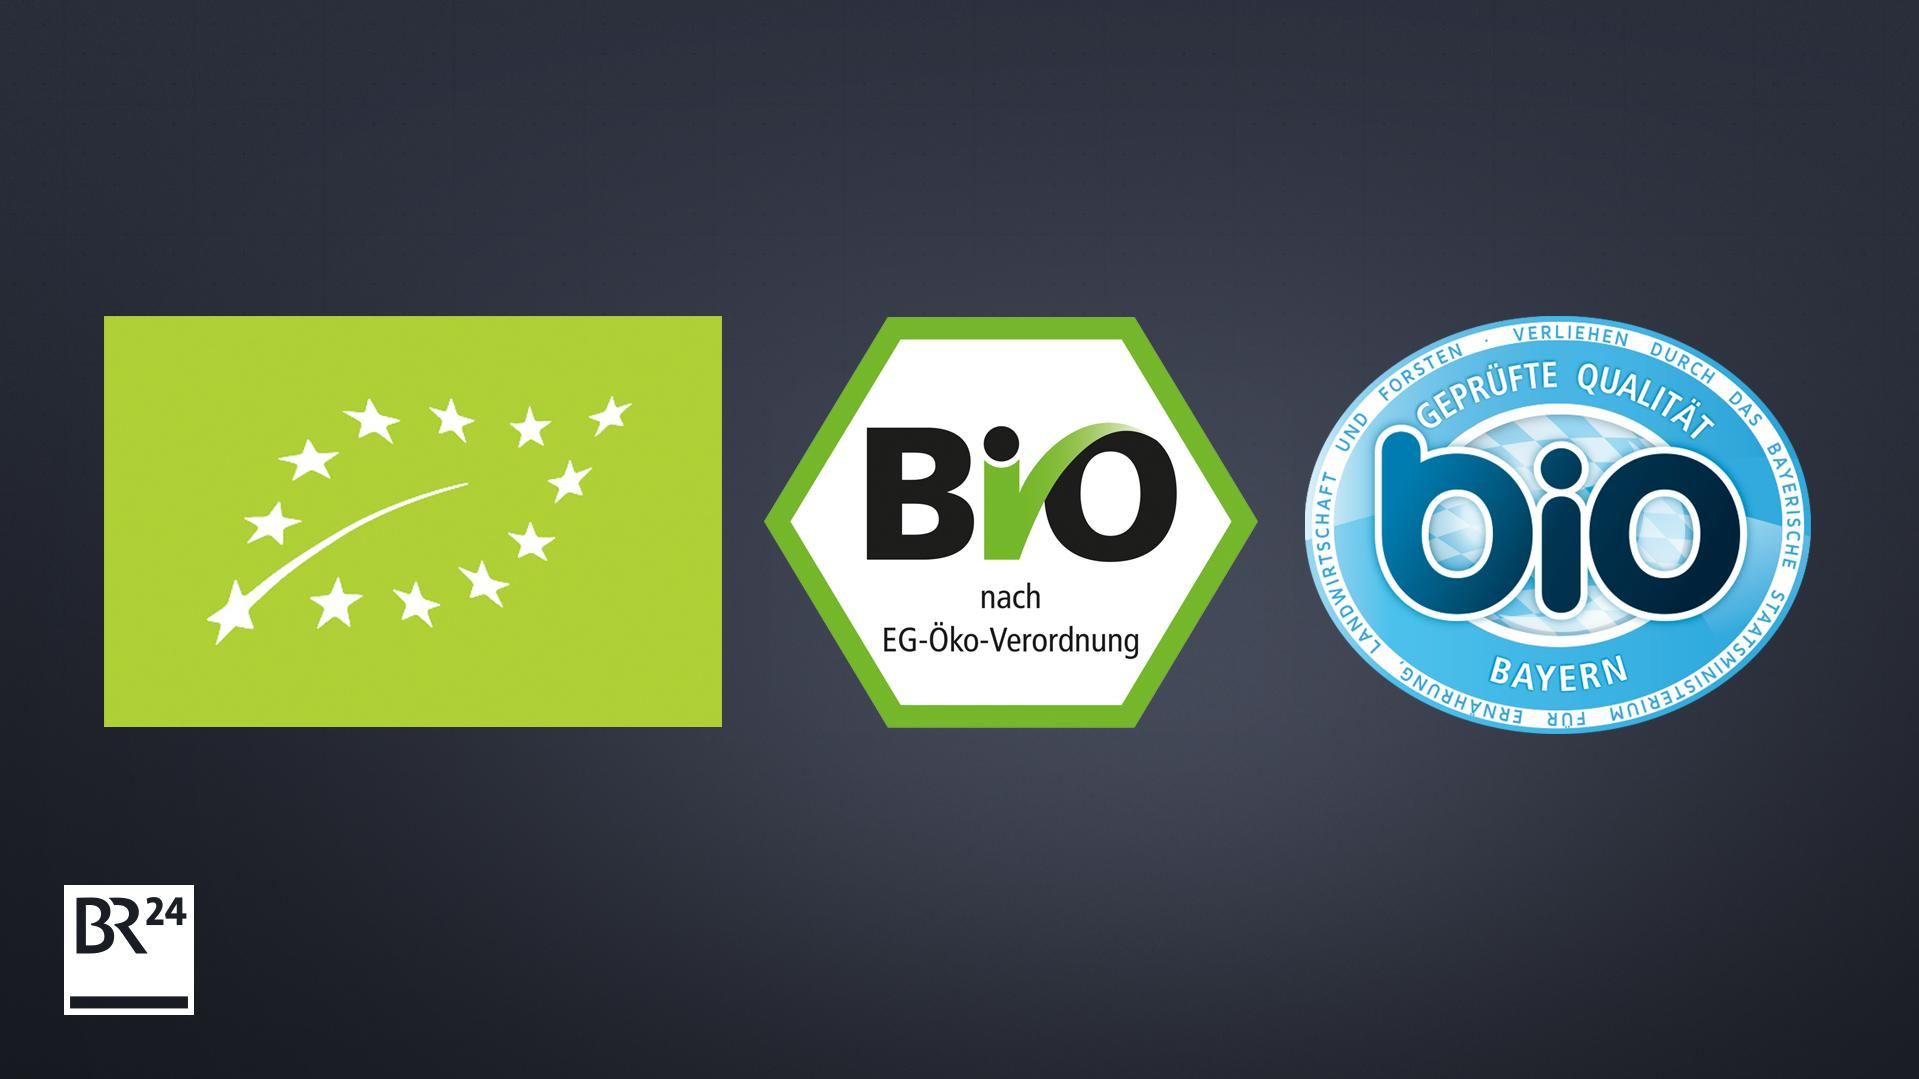 Das Bio-Siegel der Europäischen Union, das deutsche staatliche Bio-Siegel und das Bayerische Bio-Siegel